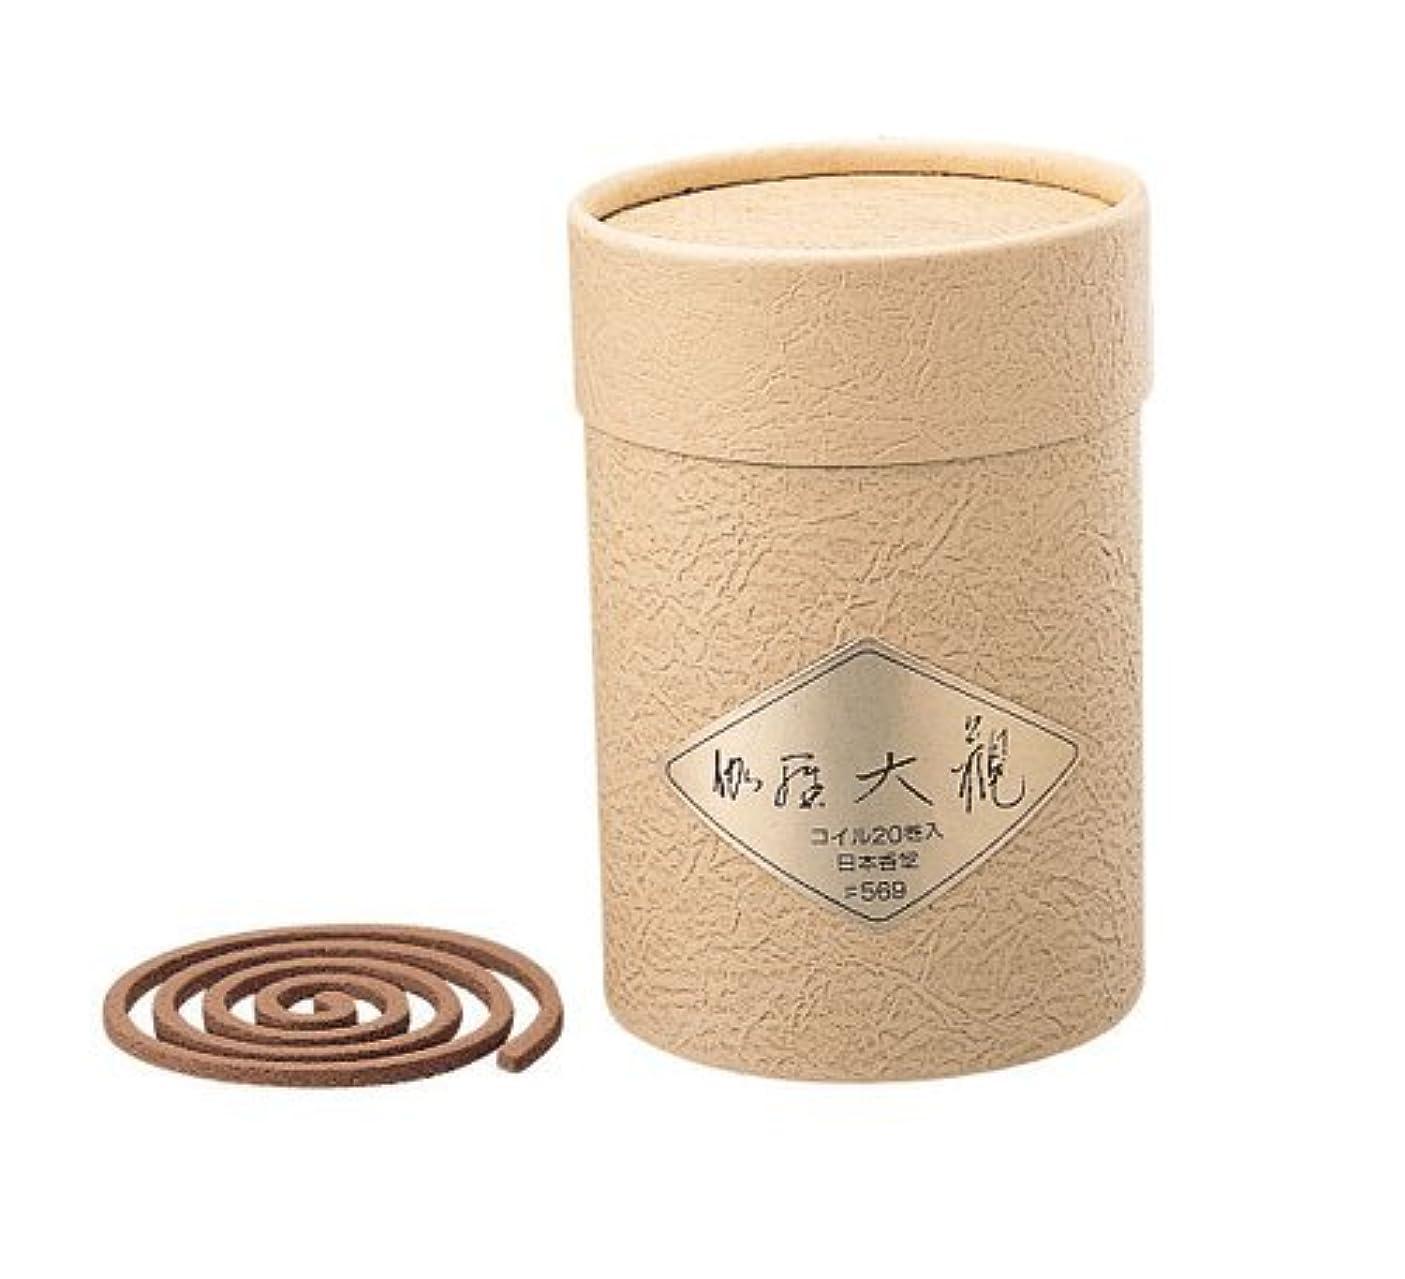 成長する樹皮助けて香木の香りのお香 伽羅大観 コイル20巻入